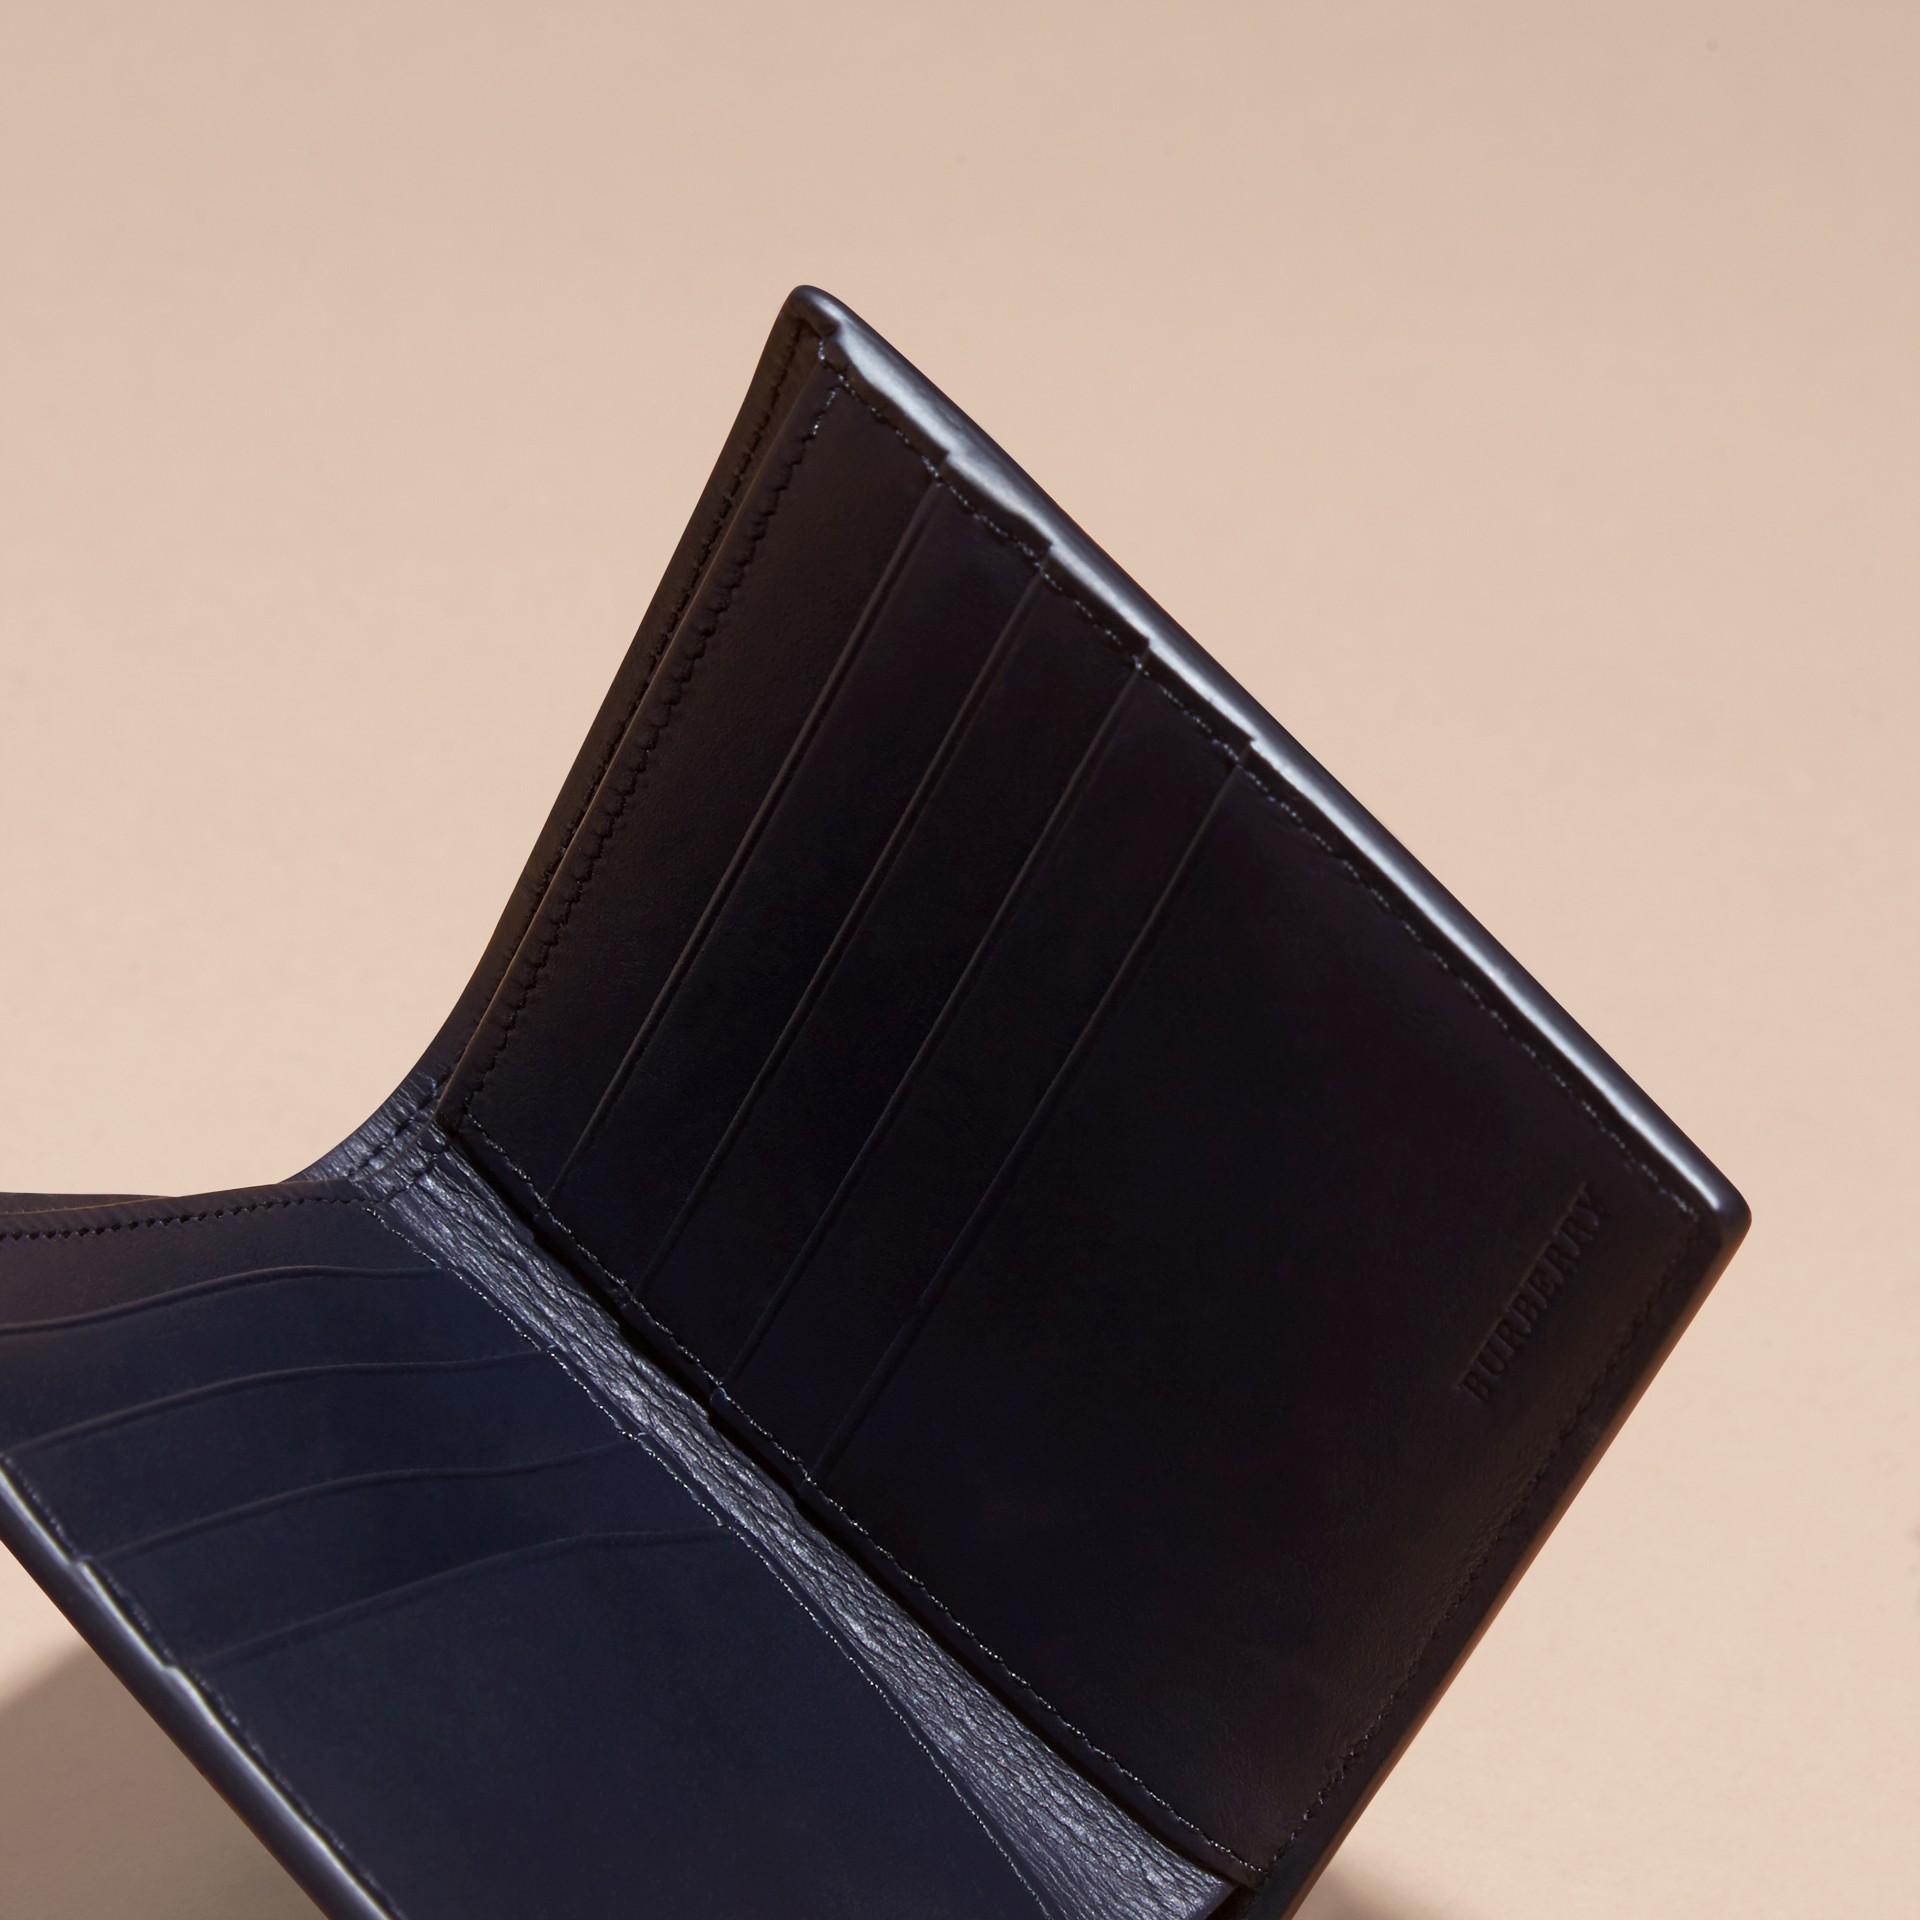 Navy scuro/blu minerale Portafoglio a libro in pelle London con inserti Navy Scuro/blu Minerale - immagine della galleria 5